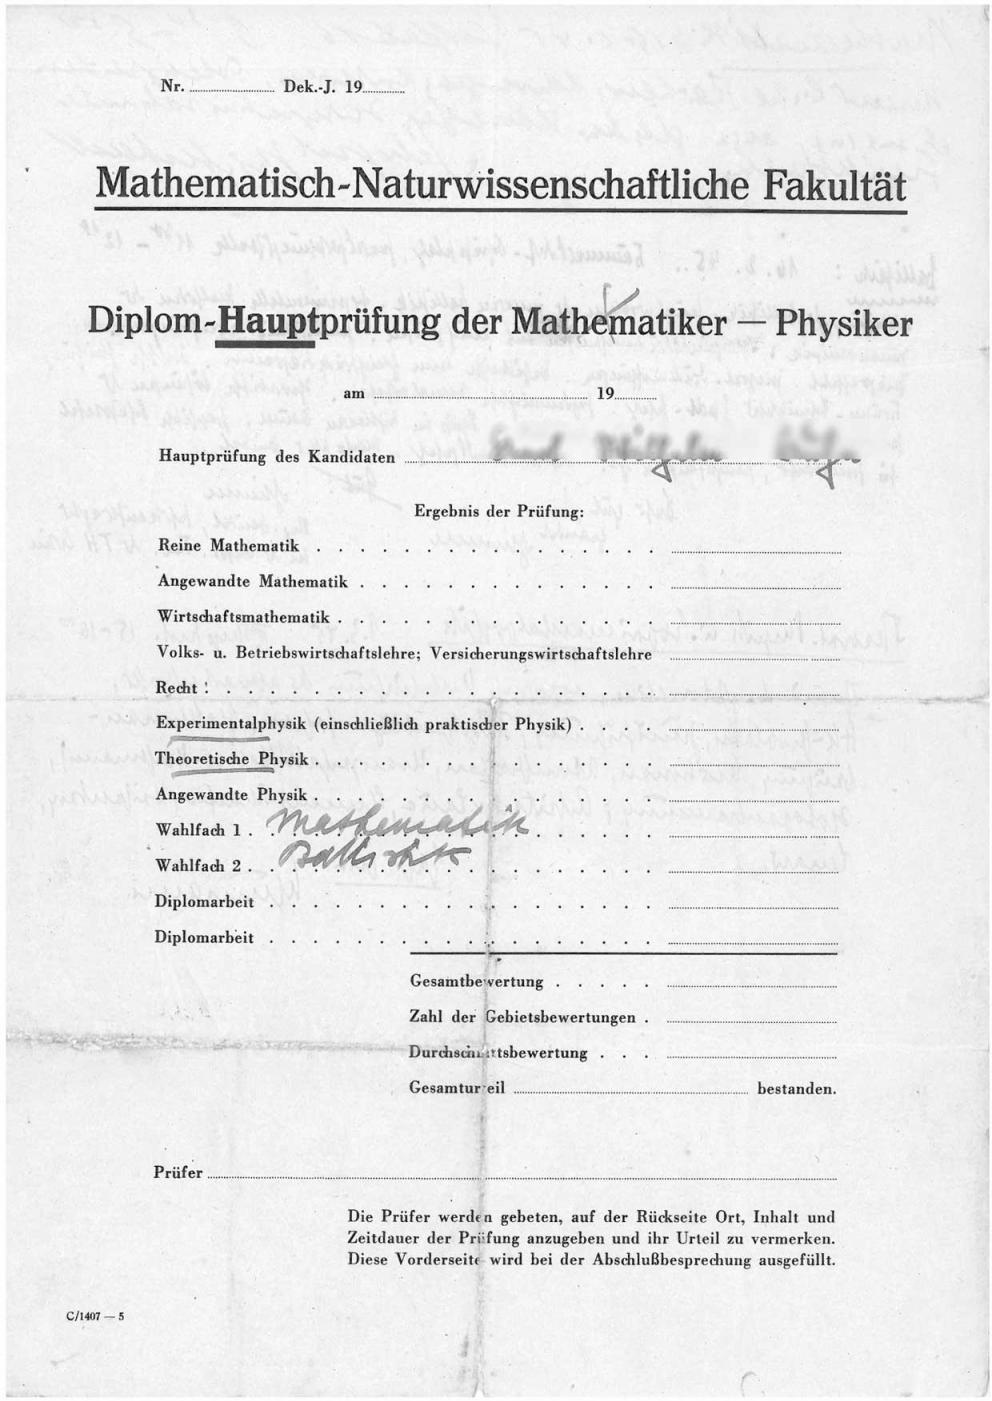 KWK-Diplom-Hauptpruefung-muendlich-1.jpg